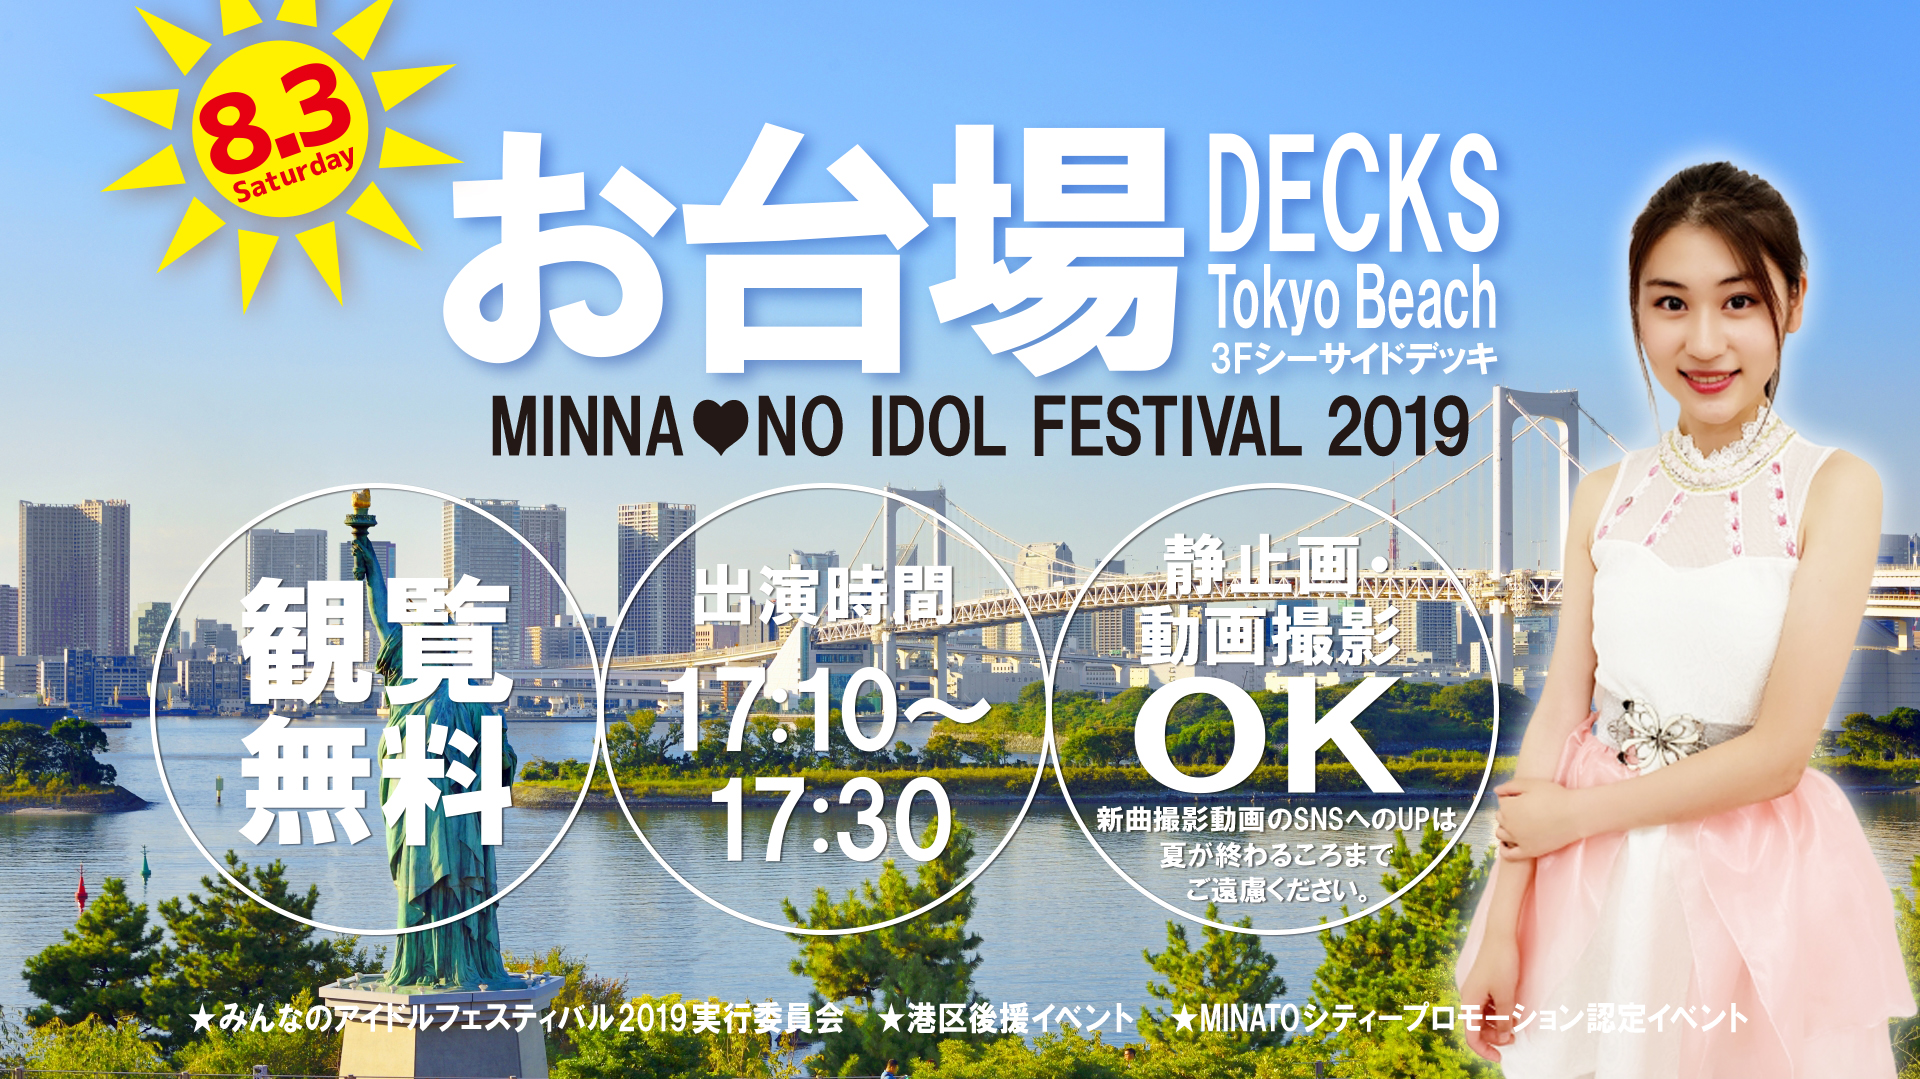 8/3(土)MINNANO IDOL FESTIVAL 2019